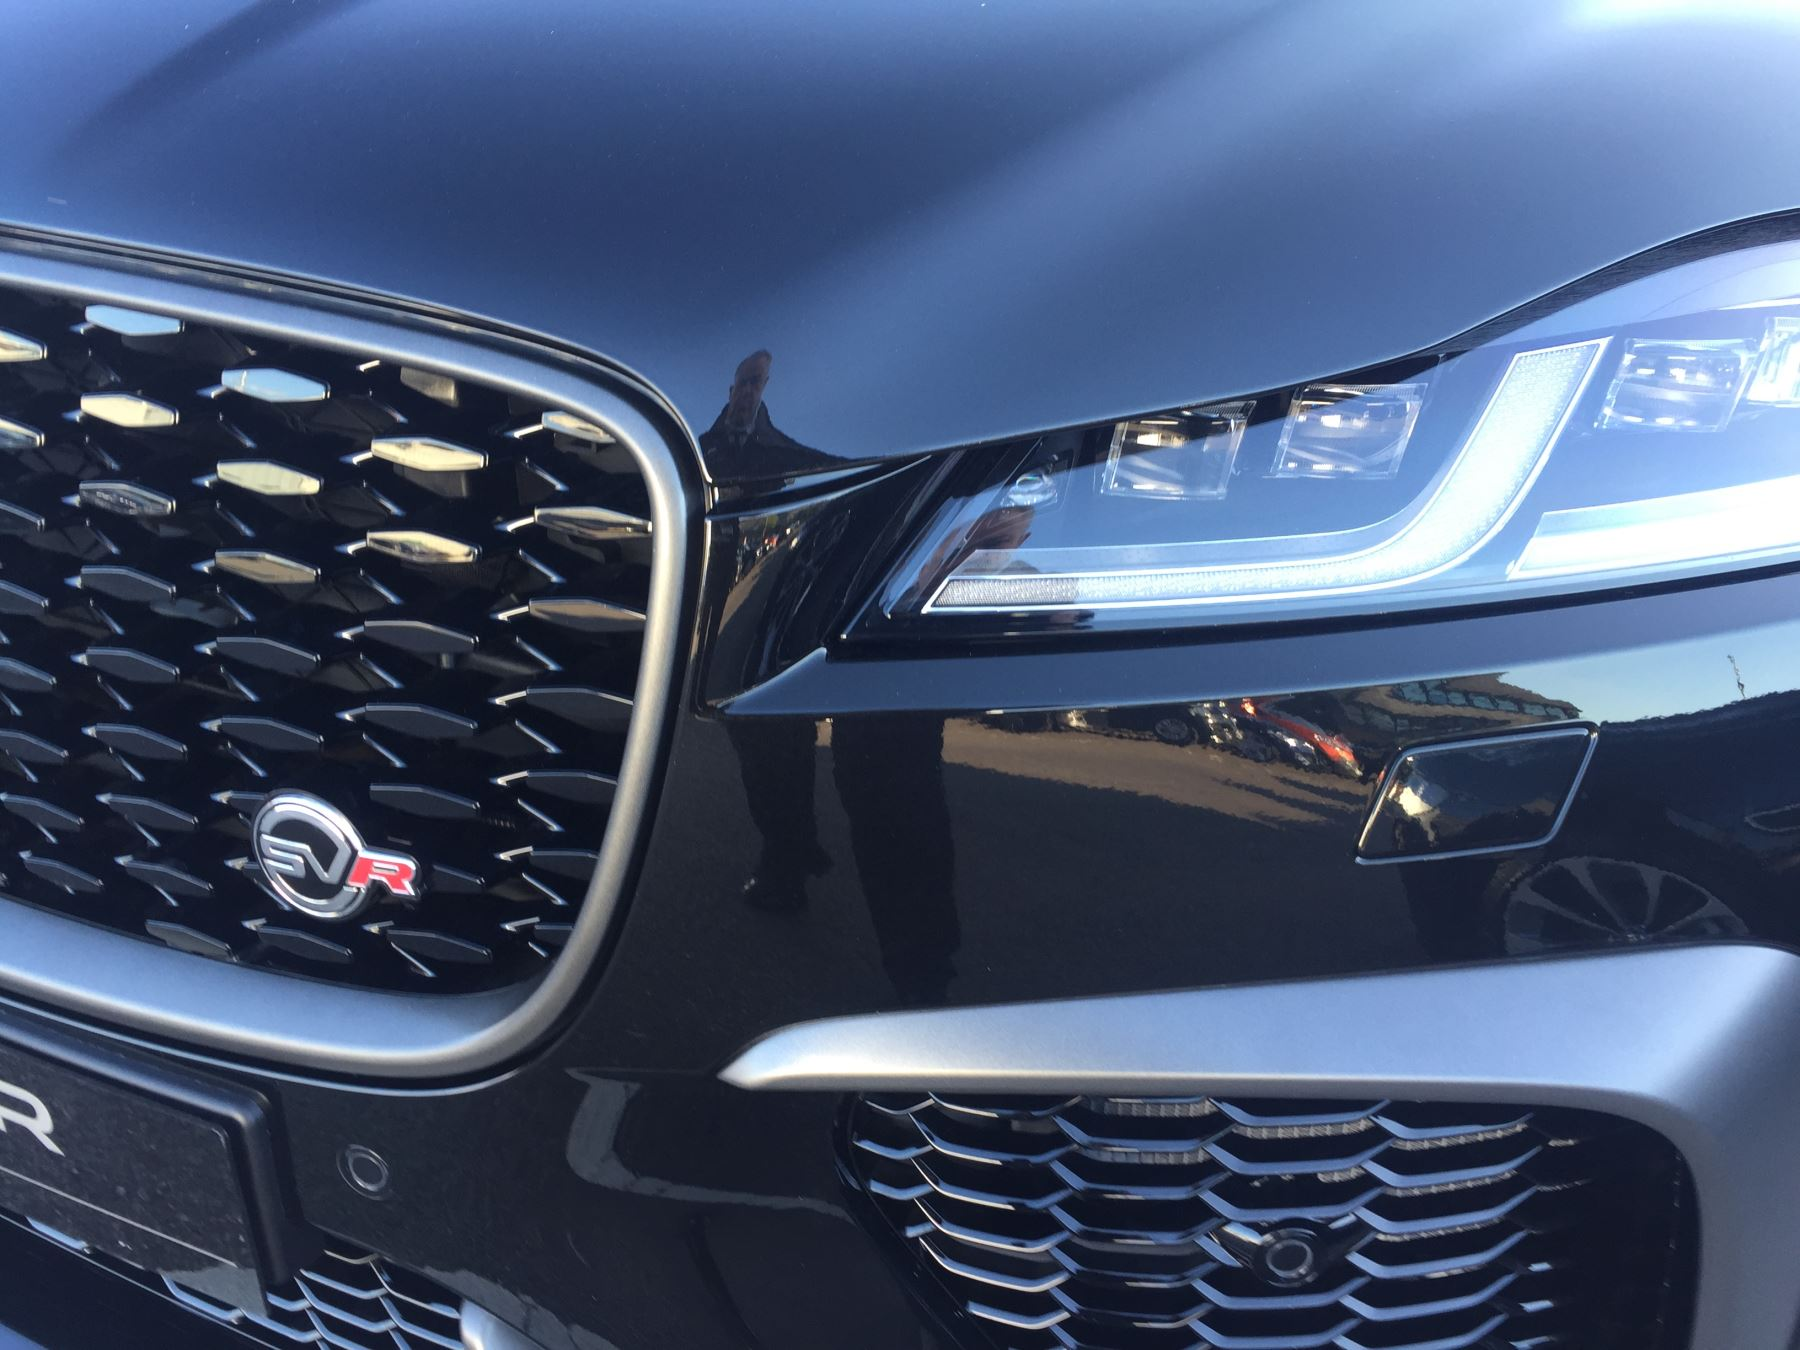 Jaguar F-PACE 5.0 Supercharged V8 SVR AWD image 3